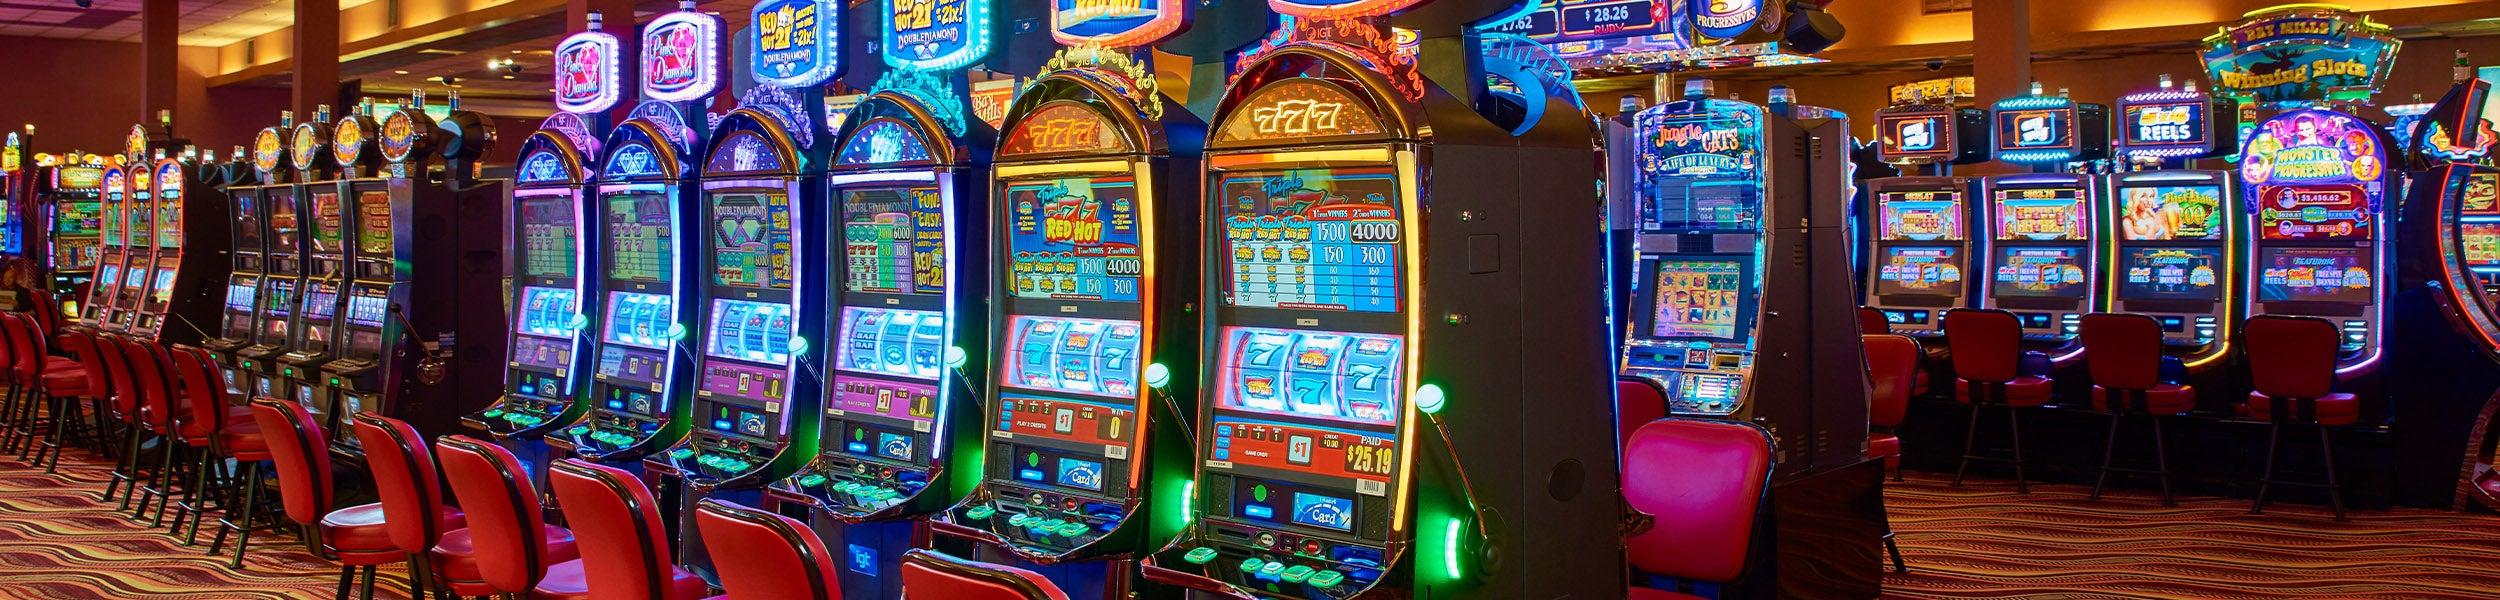 Casino slot machine bay area location